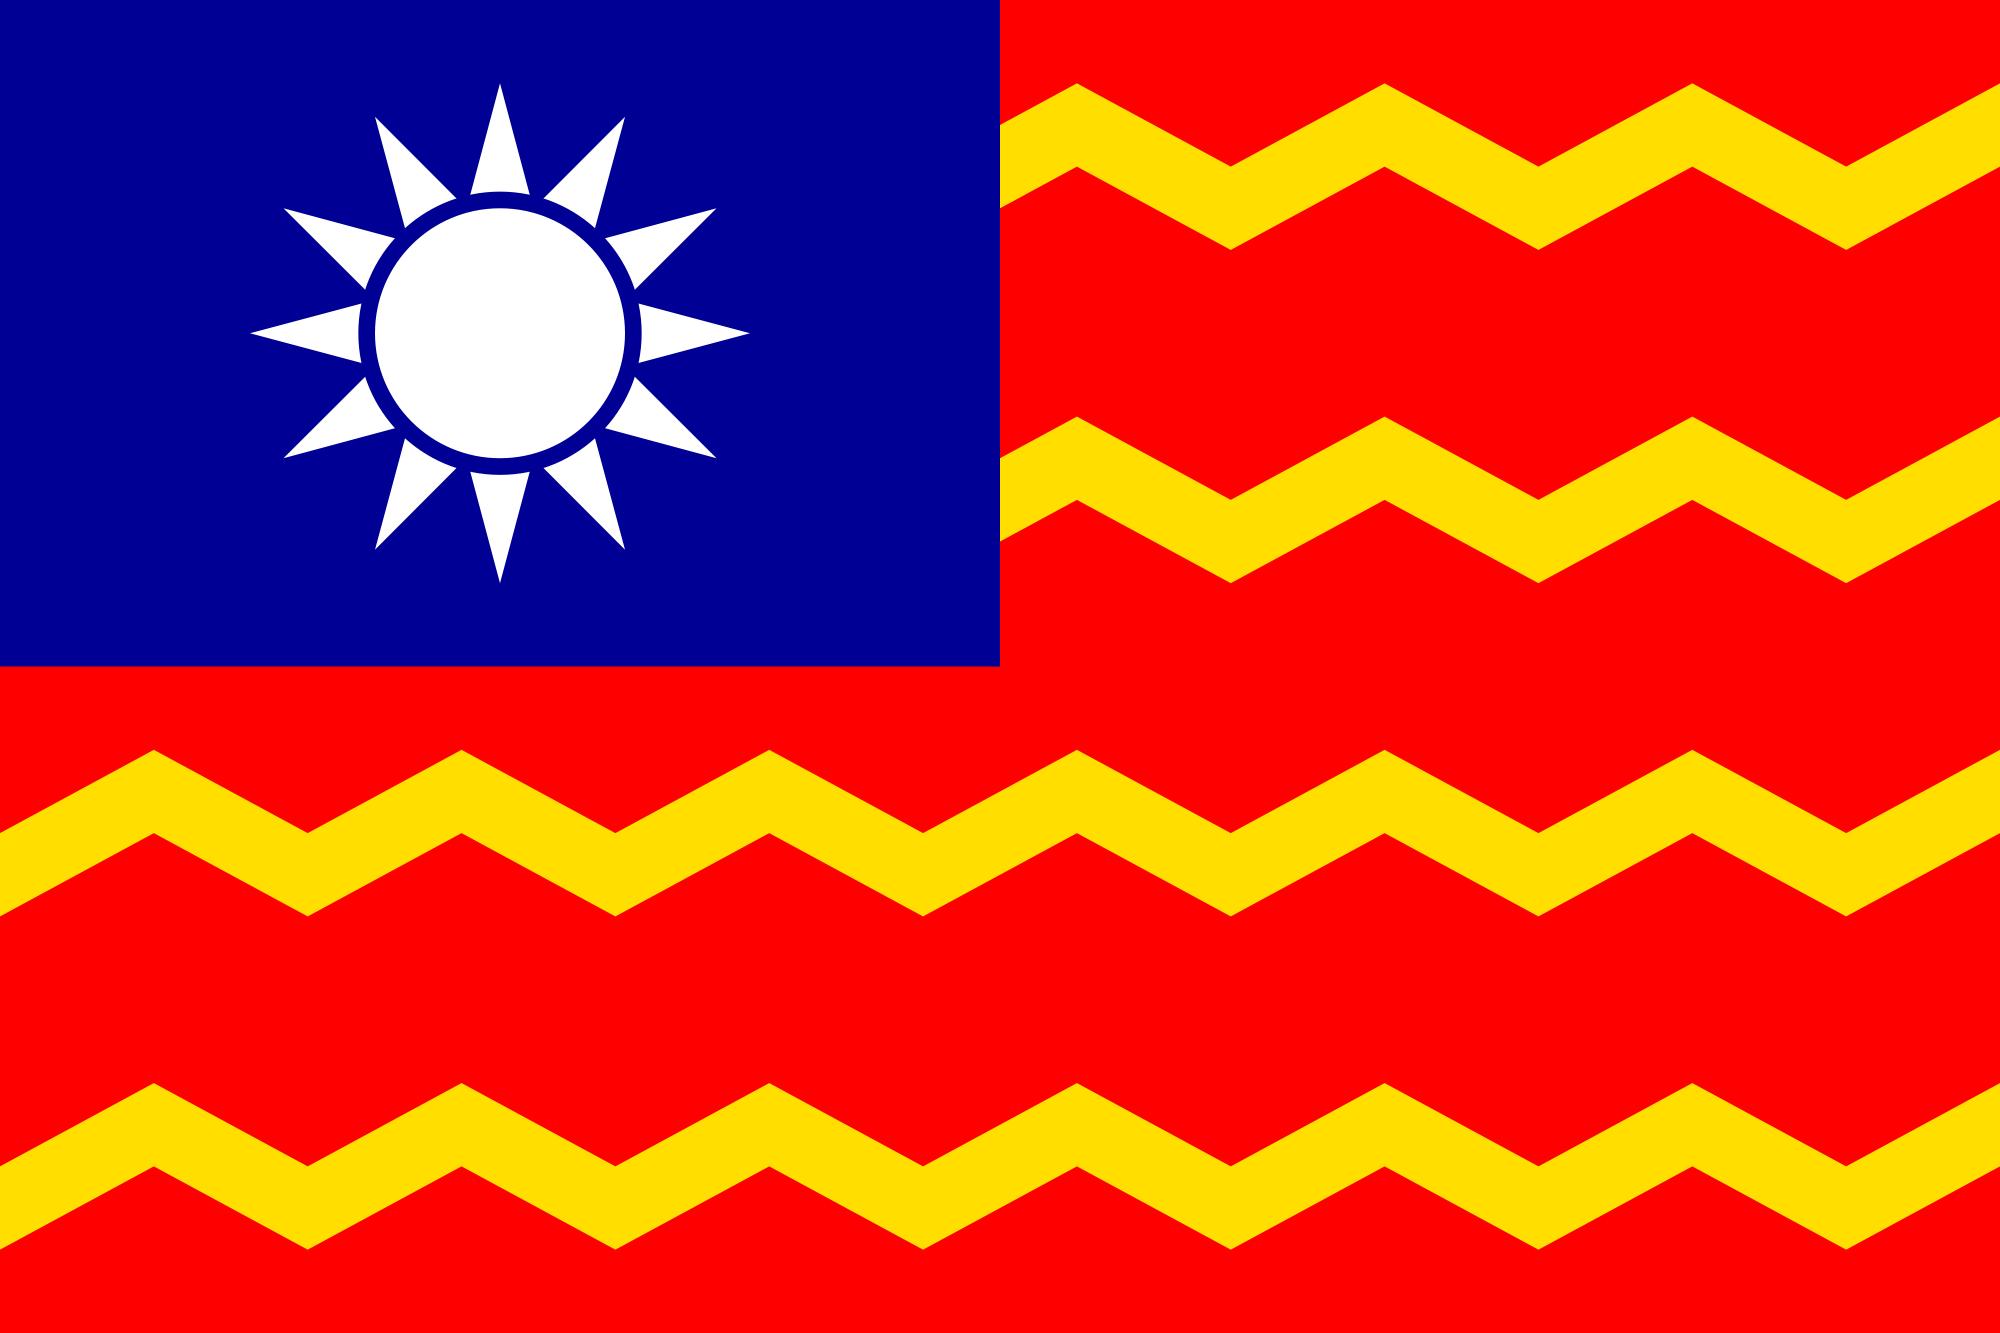 Taiwan (Civil ensign)